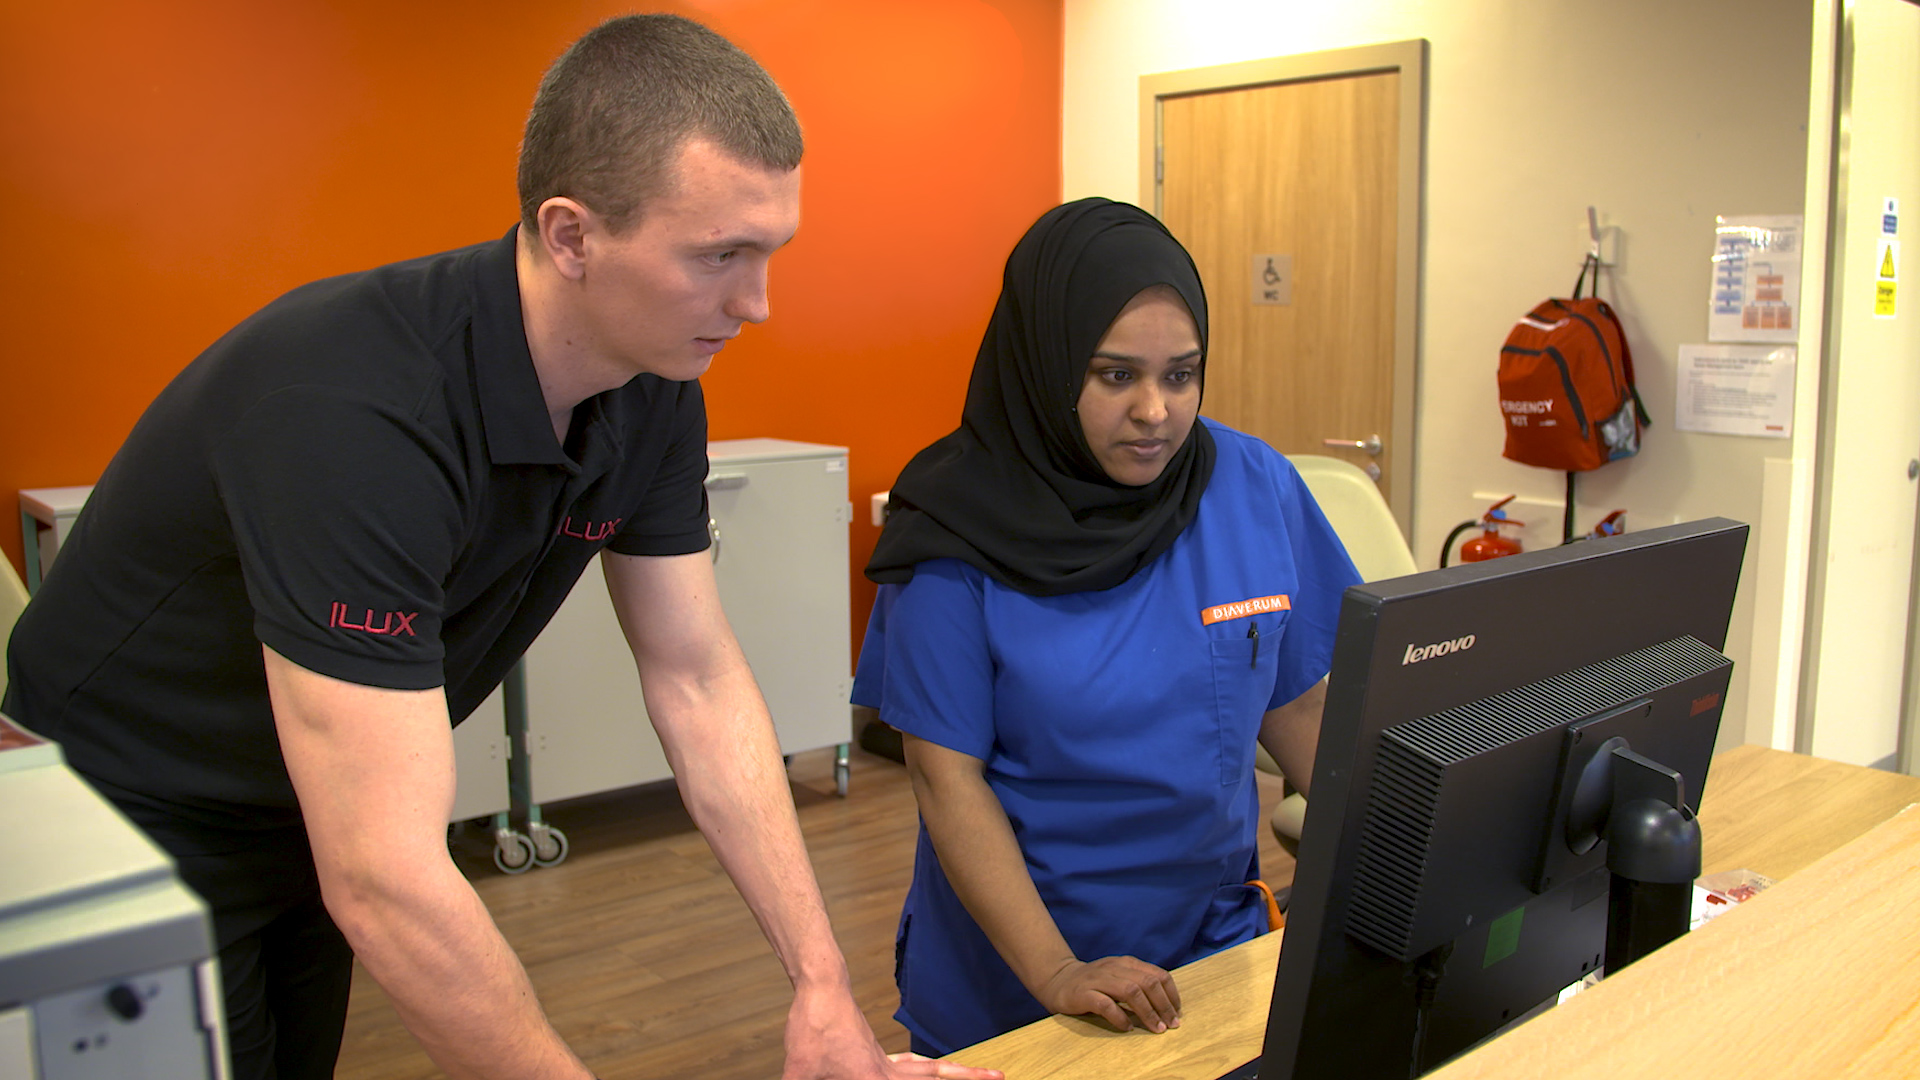 Ilux Help To Transform Patient Care